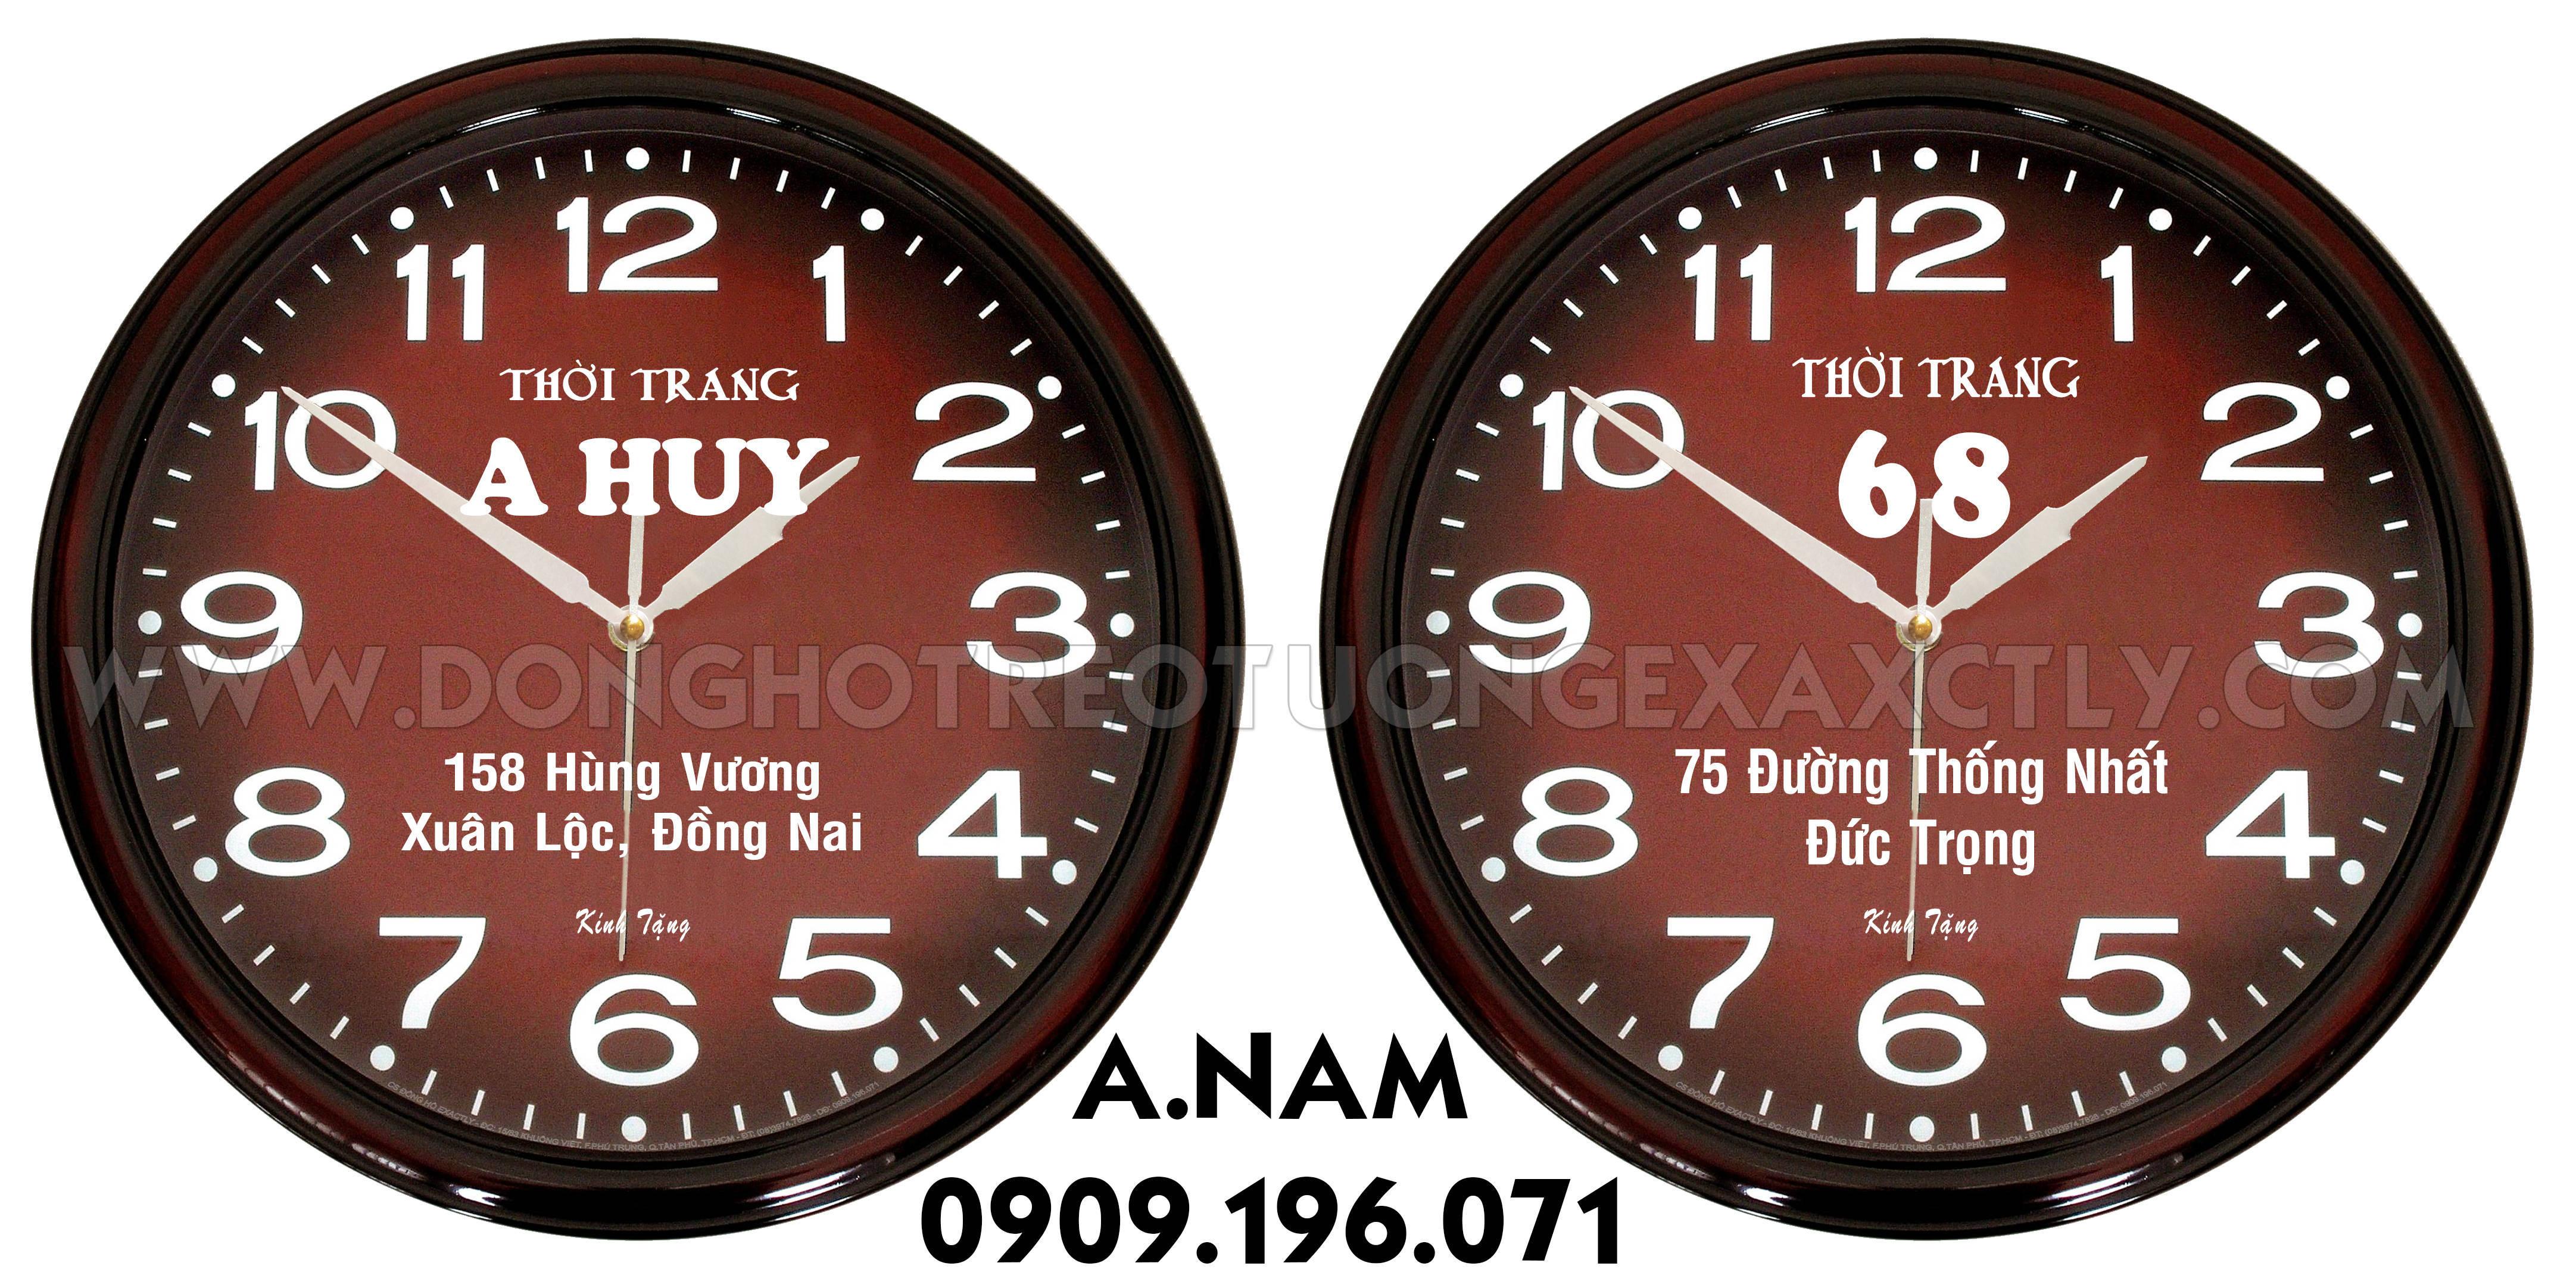 Chợ linh tinh: Sản xuất đồng hồ - In logo, nội dung theo yêu cầu U220%20Shop%20th%E1%BB%9Di%20trang%20-%20%20dong%20ho%20treo%20tuong%20-%20A.NAM%20-0909.196.071